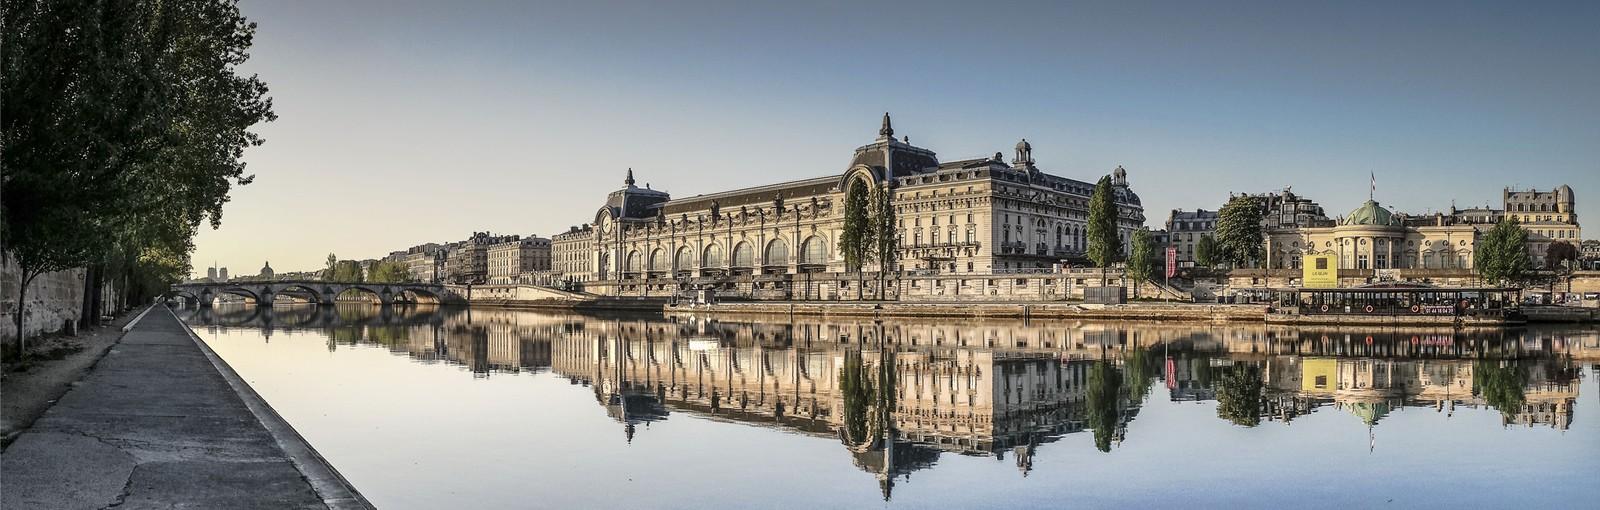 Tours One Week In Paris - Like a local - Paris Packages - Paris Tours